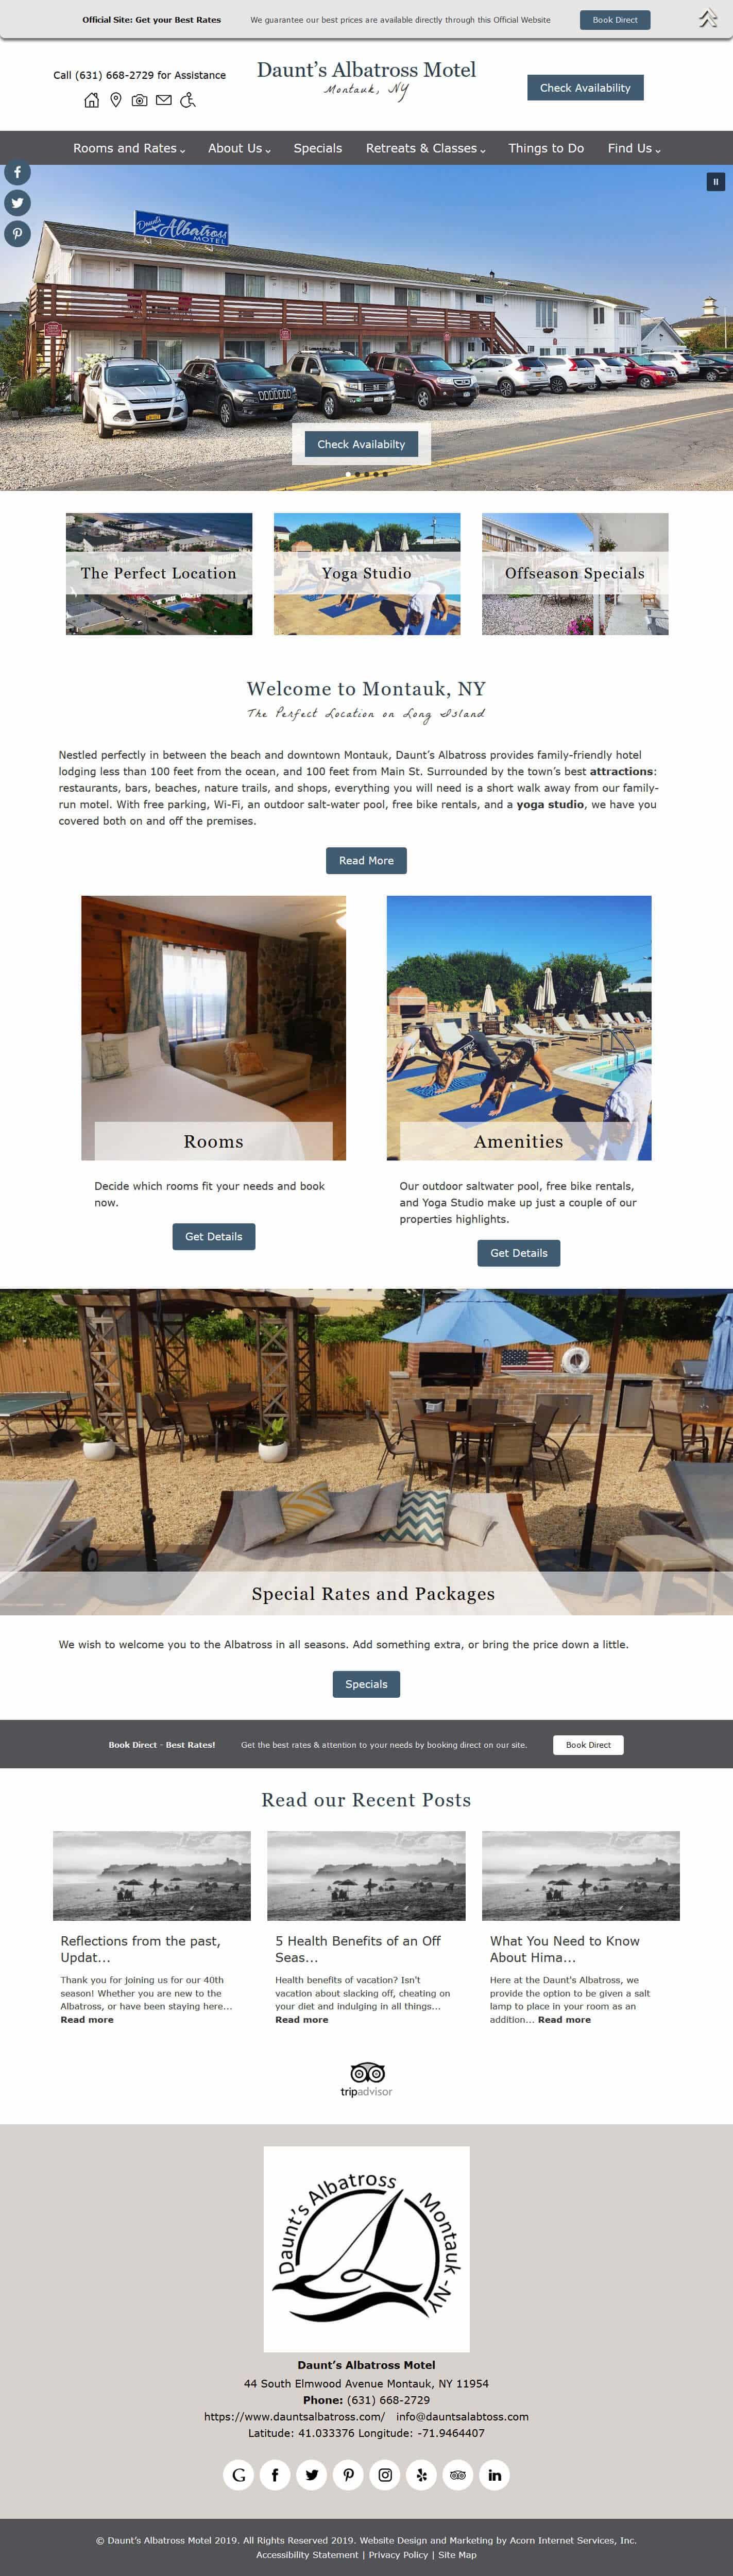 Daunt's Albatross Motel  website home page